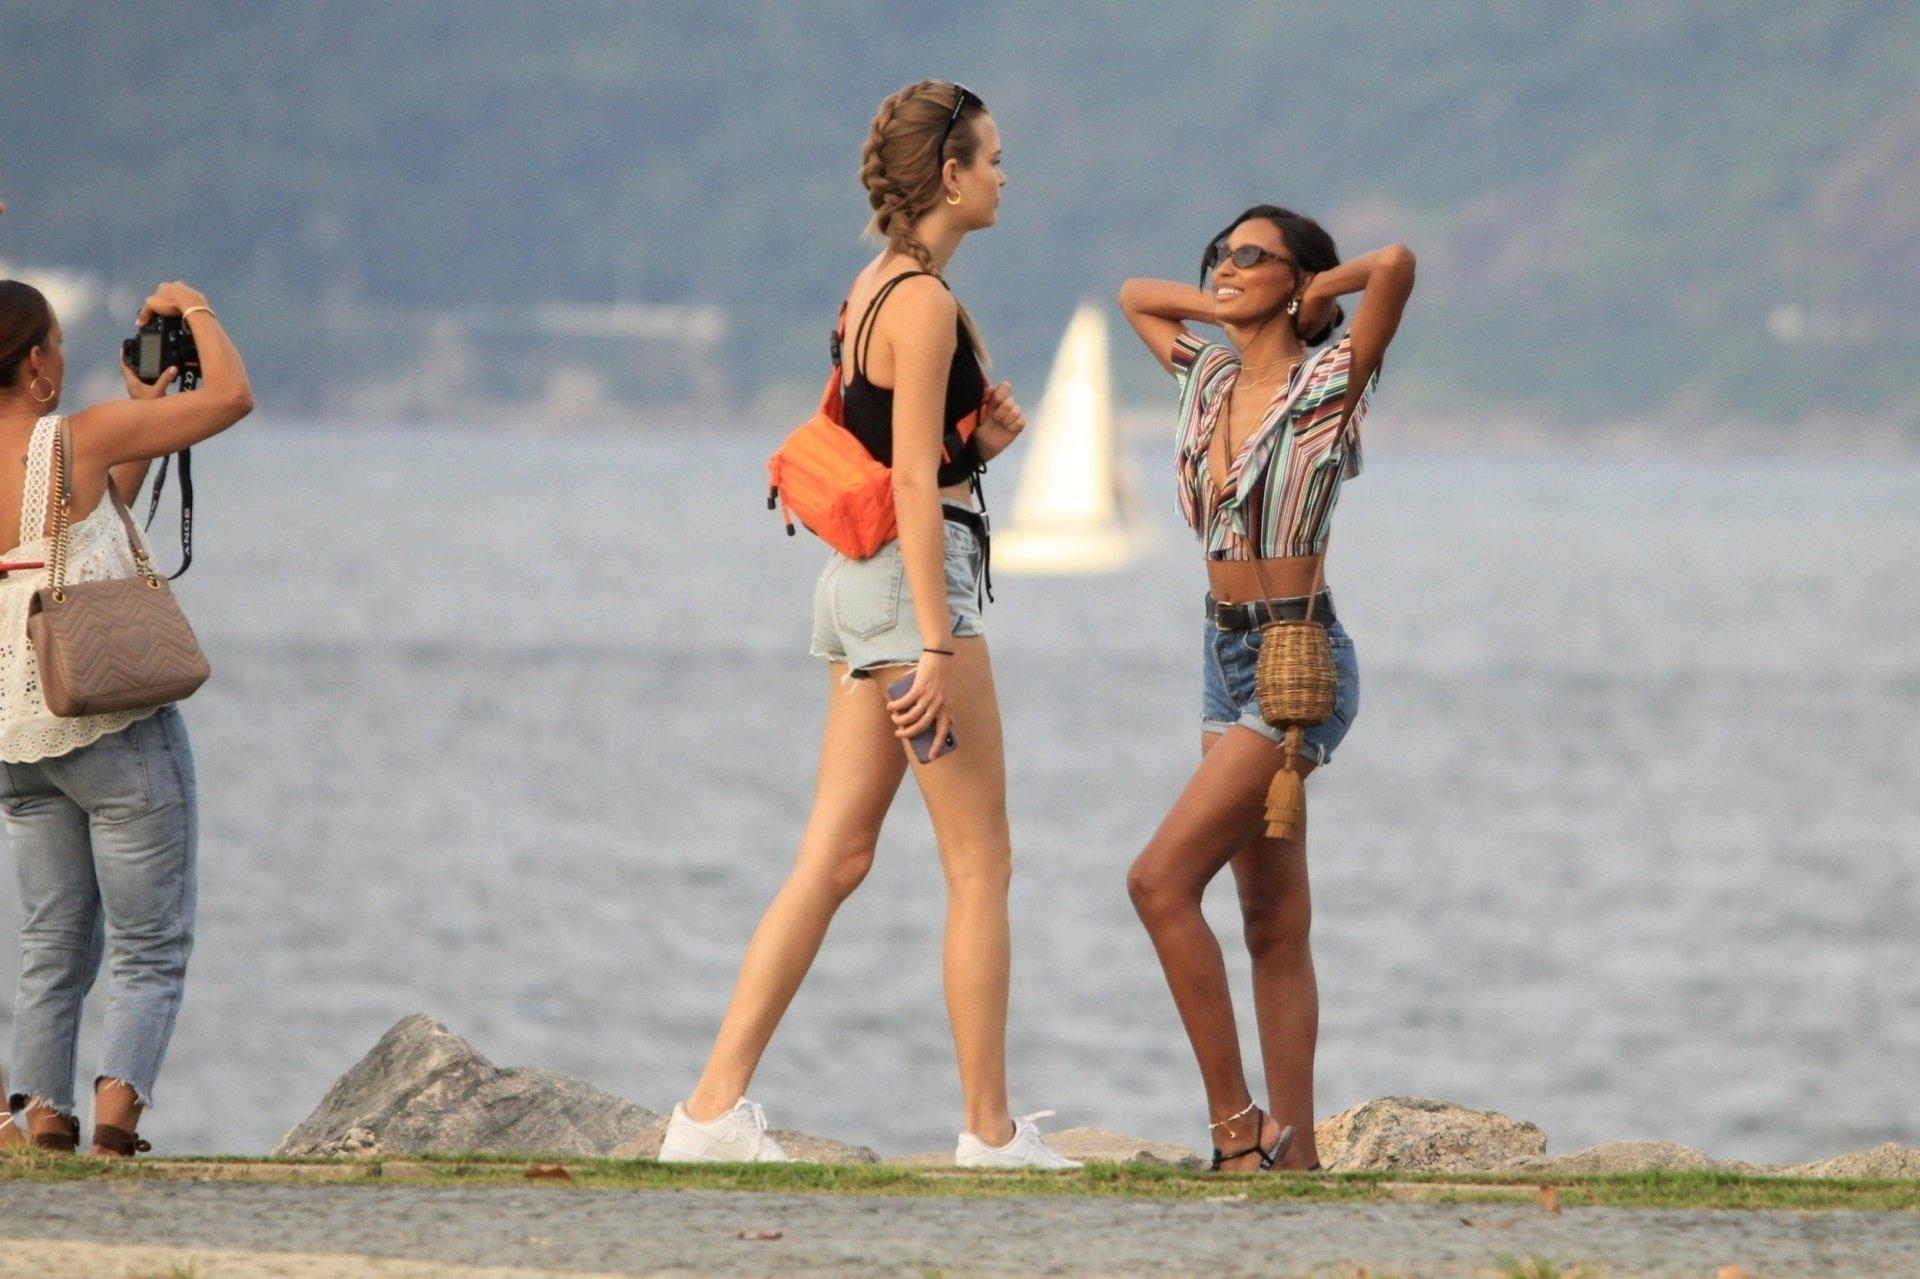 Josephine Skriver Jamsine Tookes Lais Riberio Sexy Photoshoot